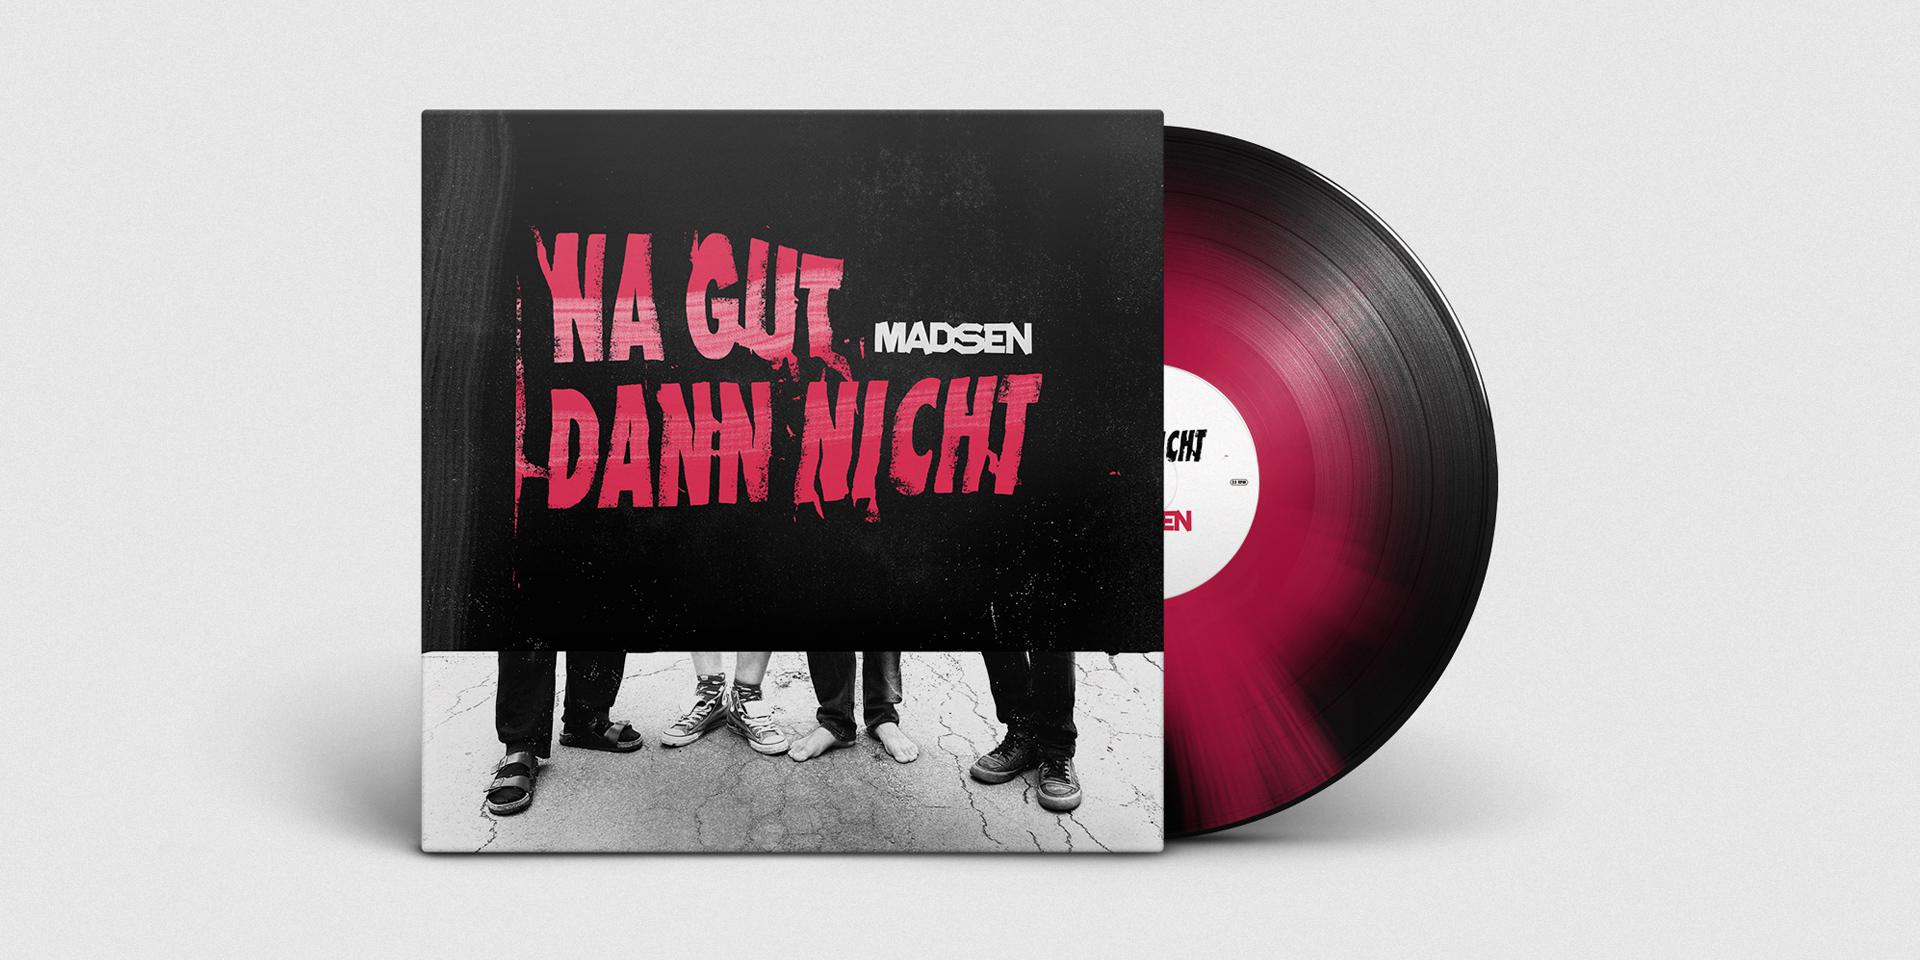 Madsen - Nagut Dann Nicht